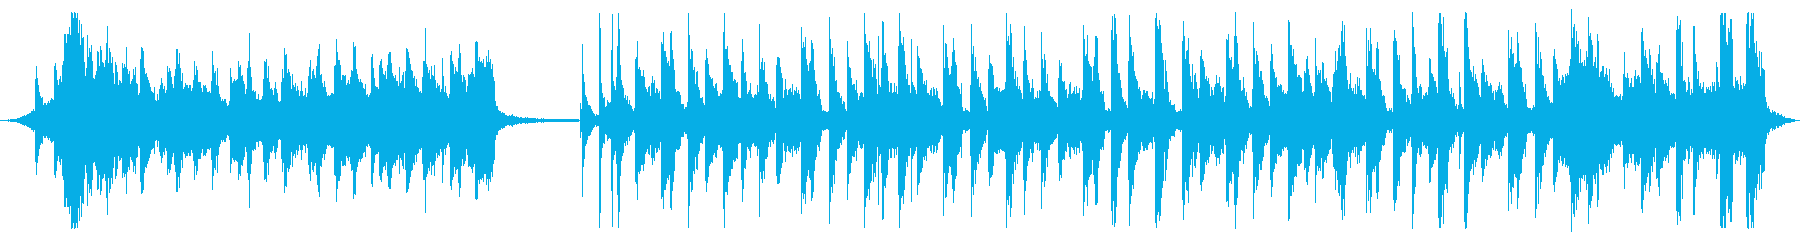 夏 爽やか ハウス メロ無30秒版の再生済みの波形